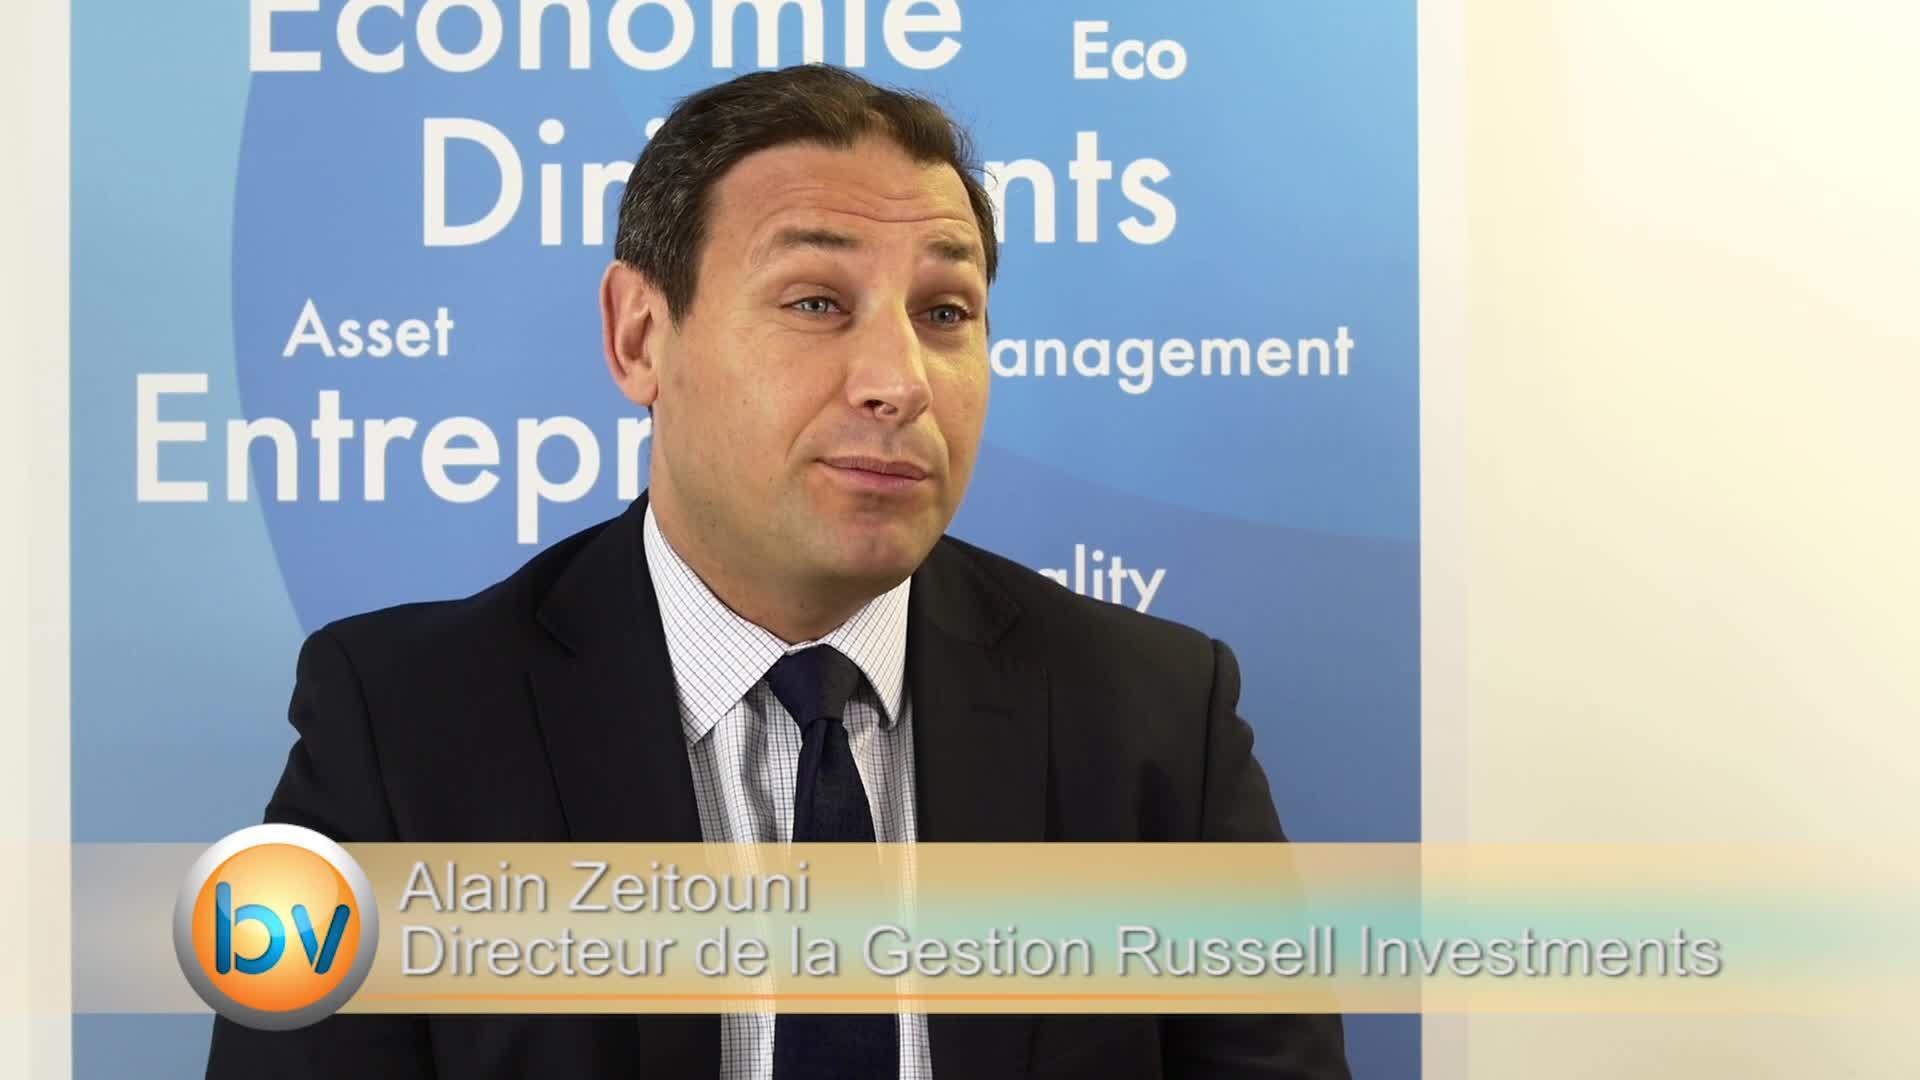 Alain Zeitouni Directeur de la Gestion Russell Investments : «Il faut toujours avoir une approche régulière sur les marchés»